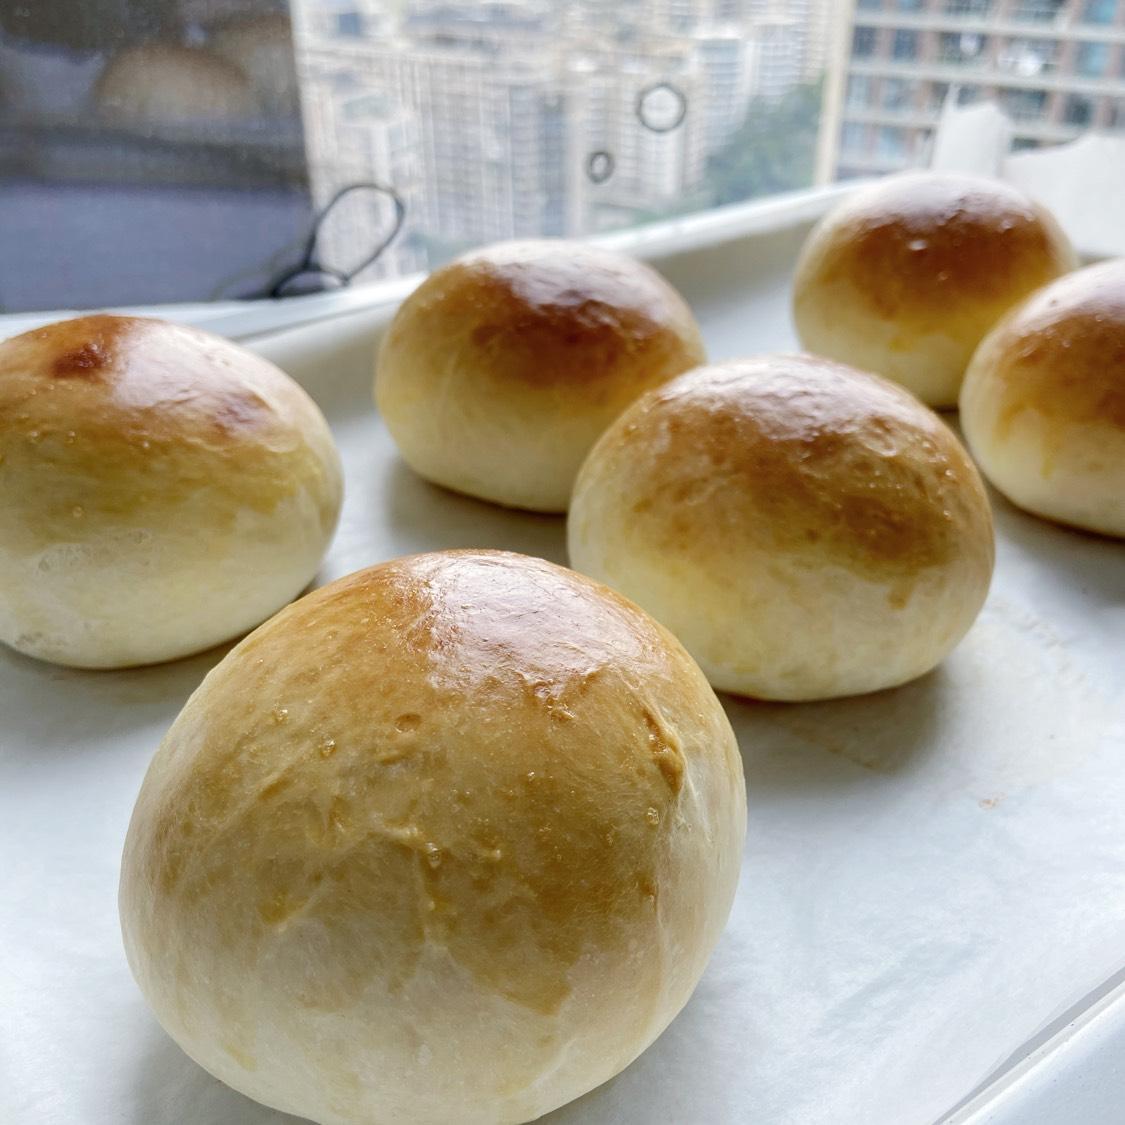 烤箱预热180度18分钟,面包胚刷上蛋液,注意上色情况,放上锡纸